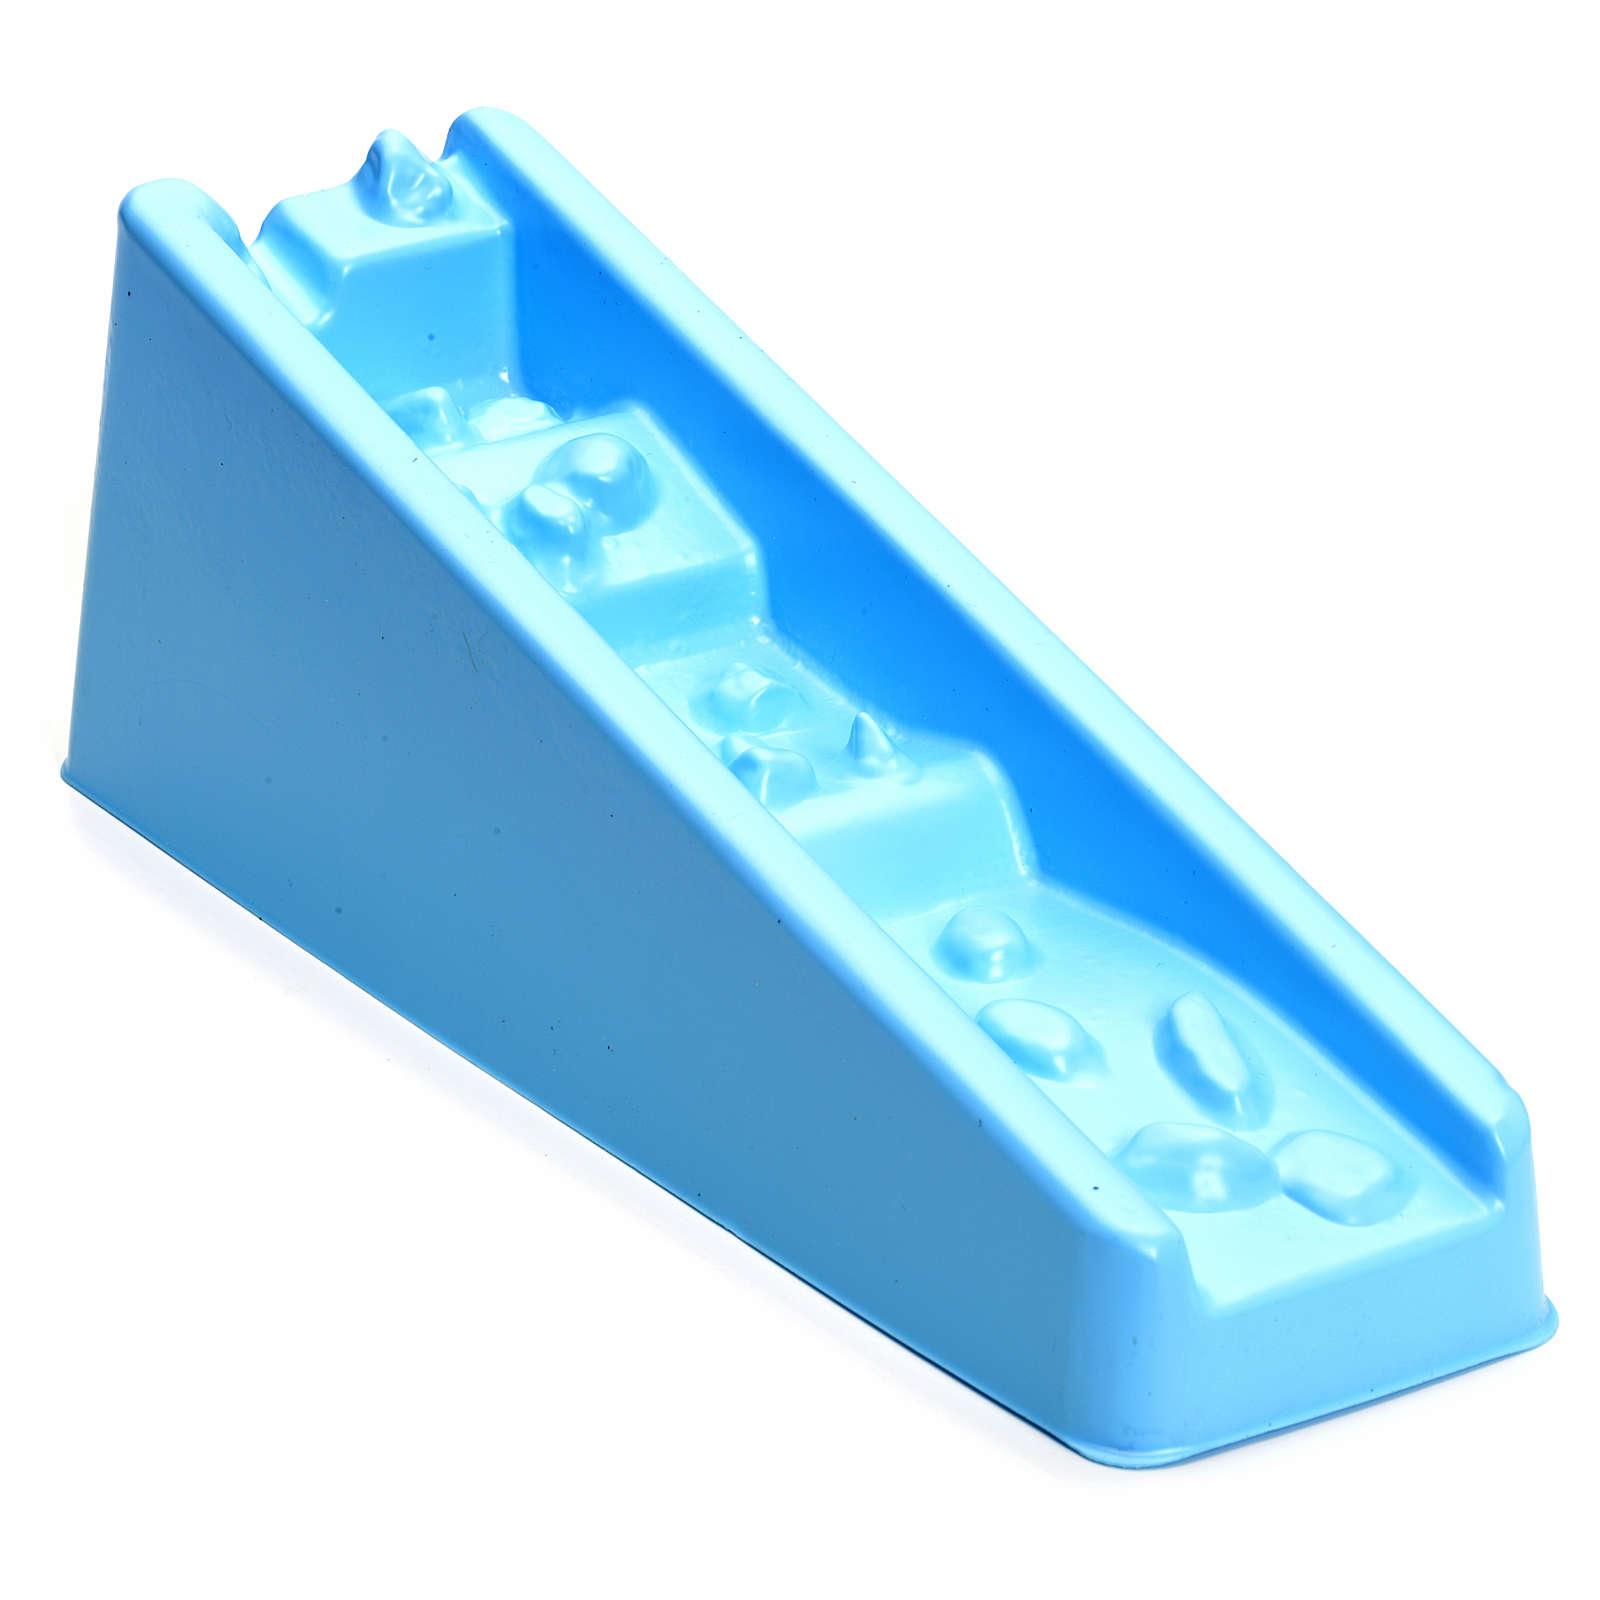 Kaskada wodna stopniowana do szopki błękit 4